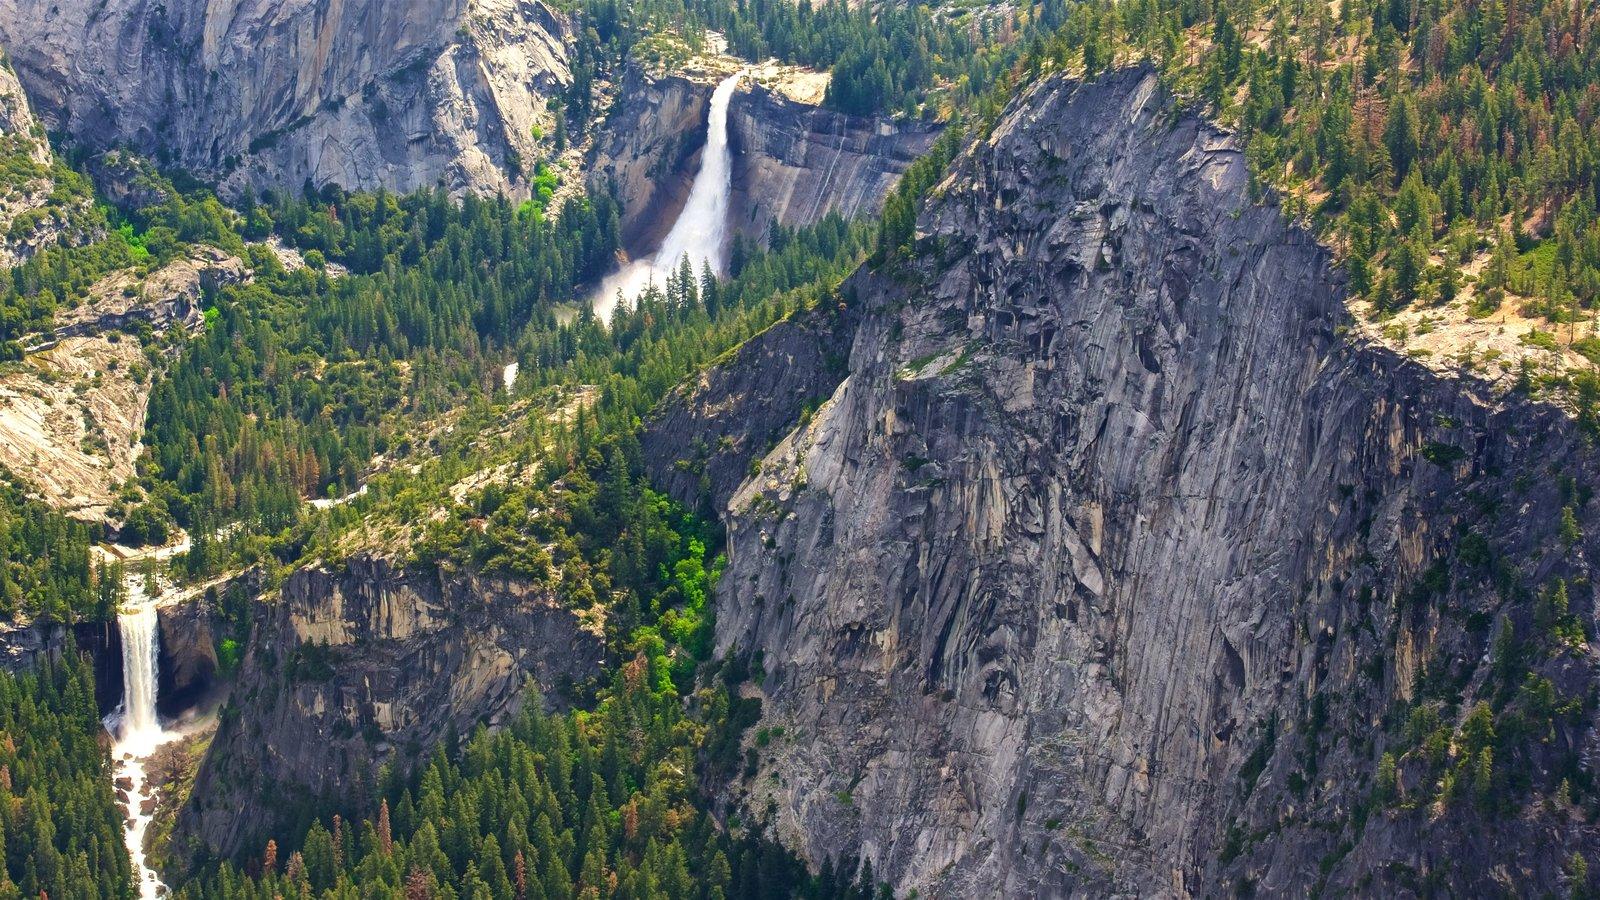 Glacier Point caracterizando cenas tranquilas